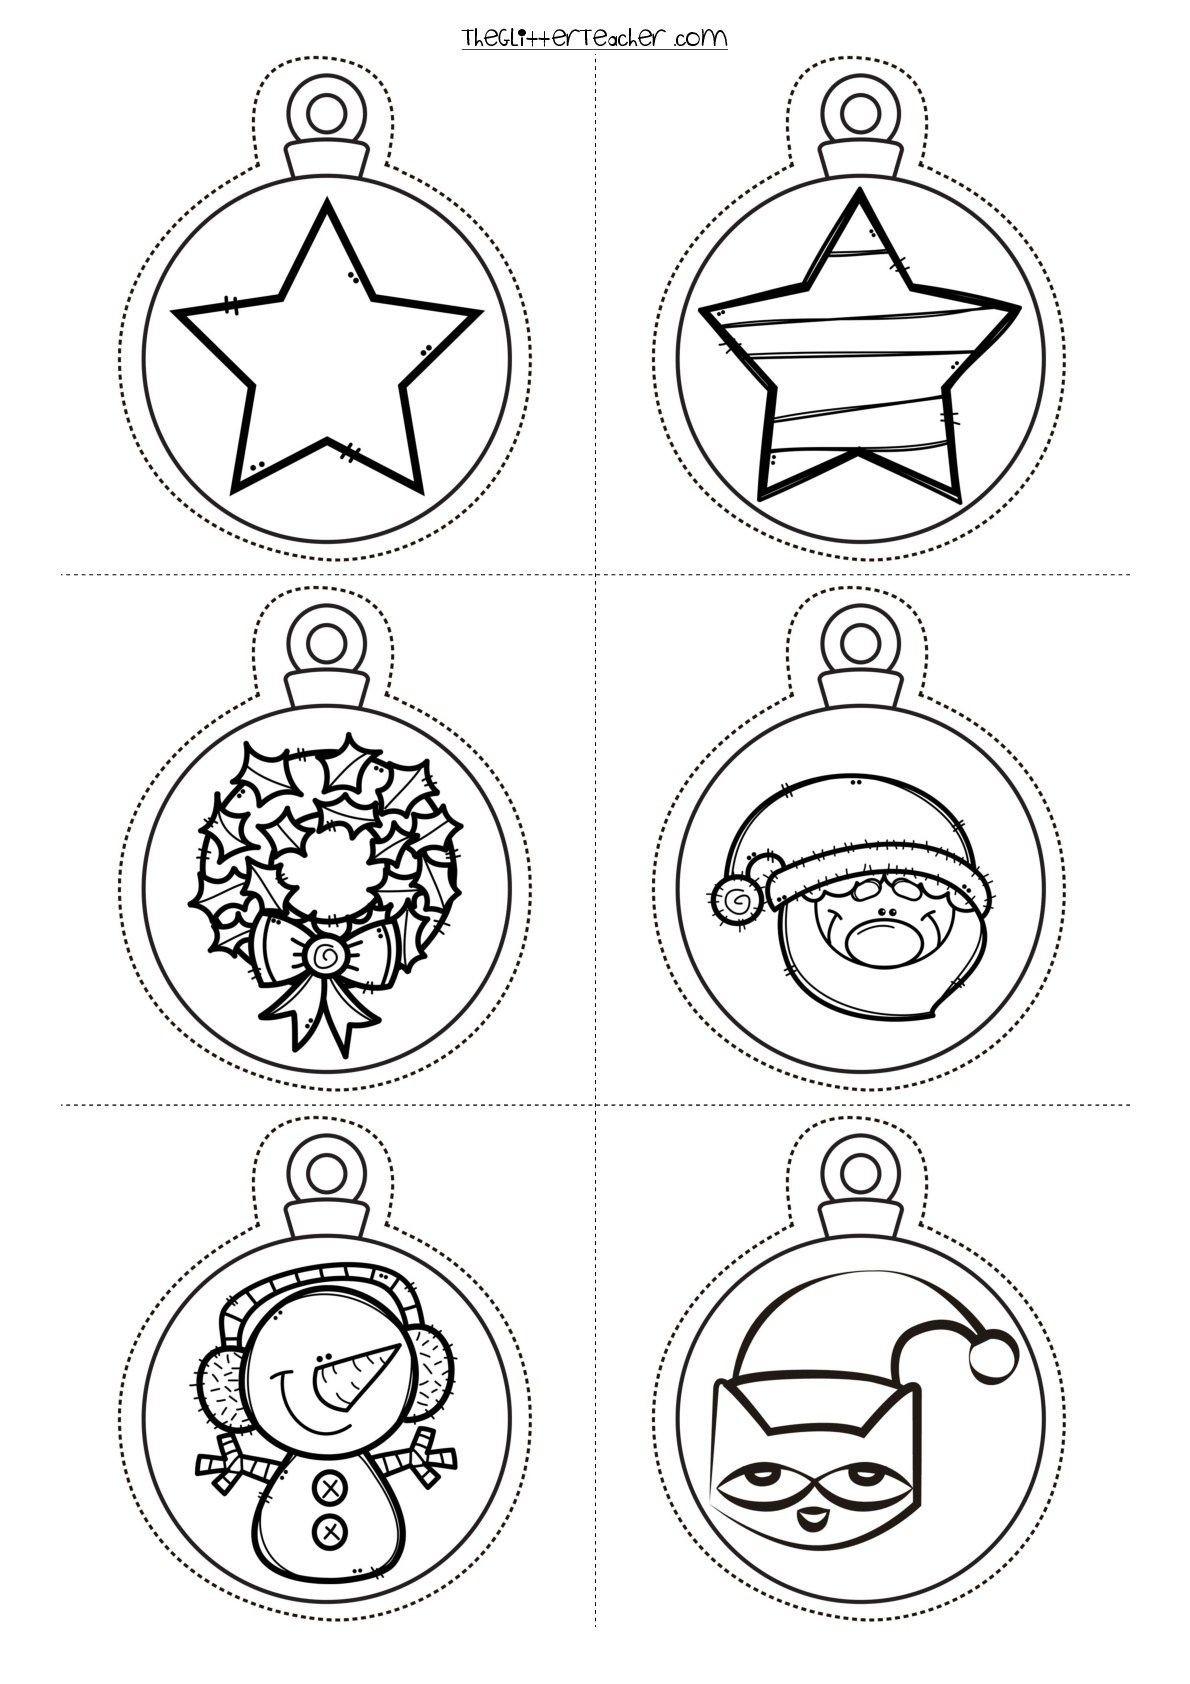 decora tu clase Divertidas Bolas de navidad para imprimir y colorear Orientacion Andujar